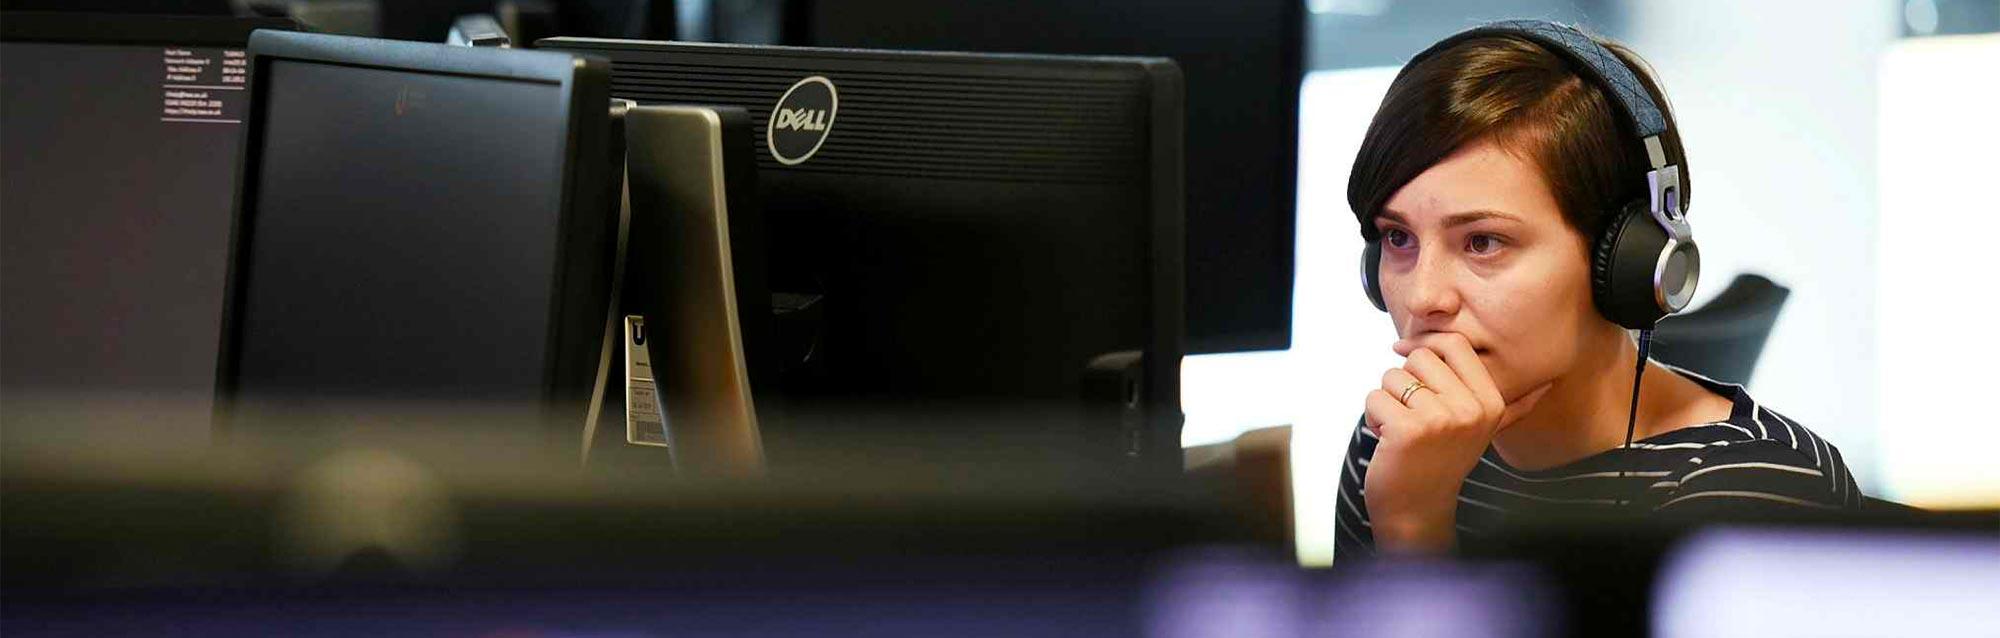 Computing & Web